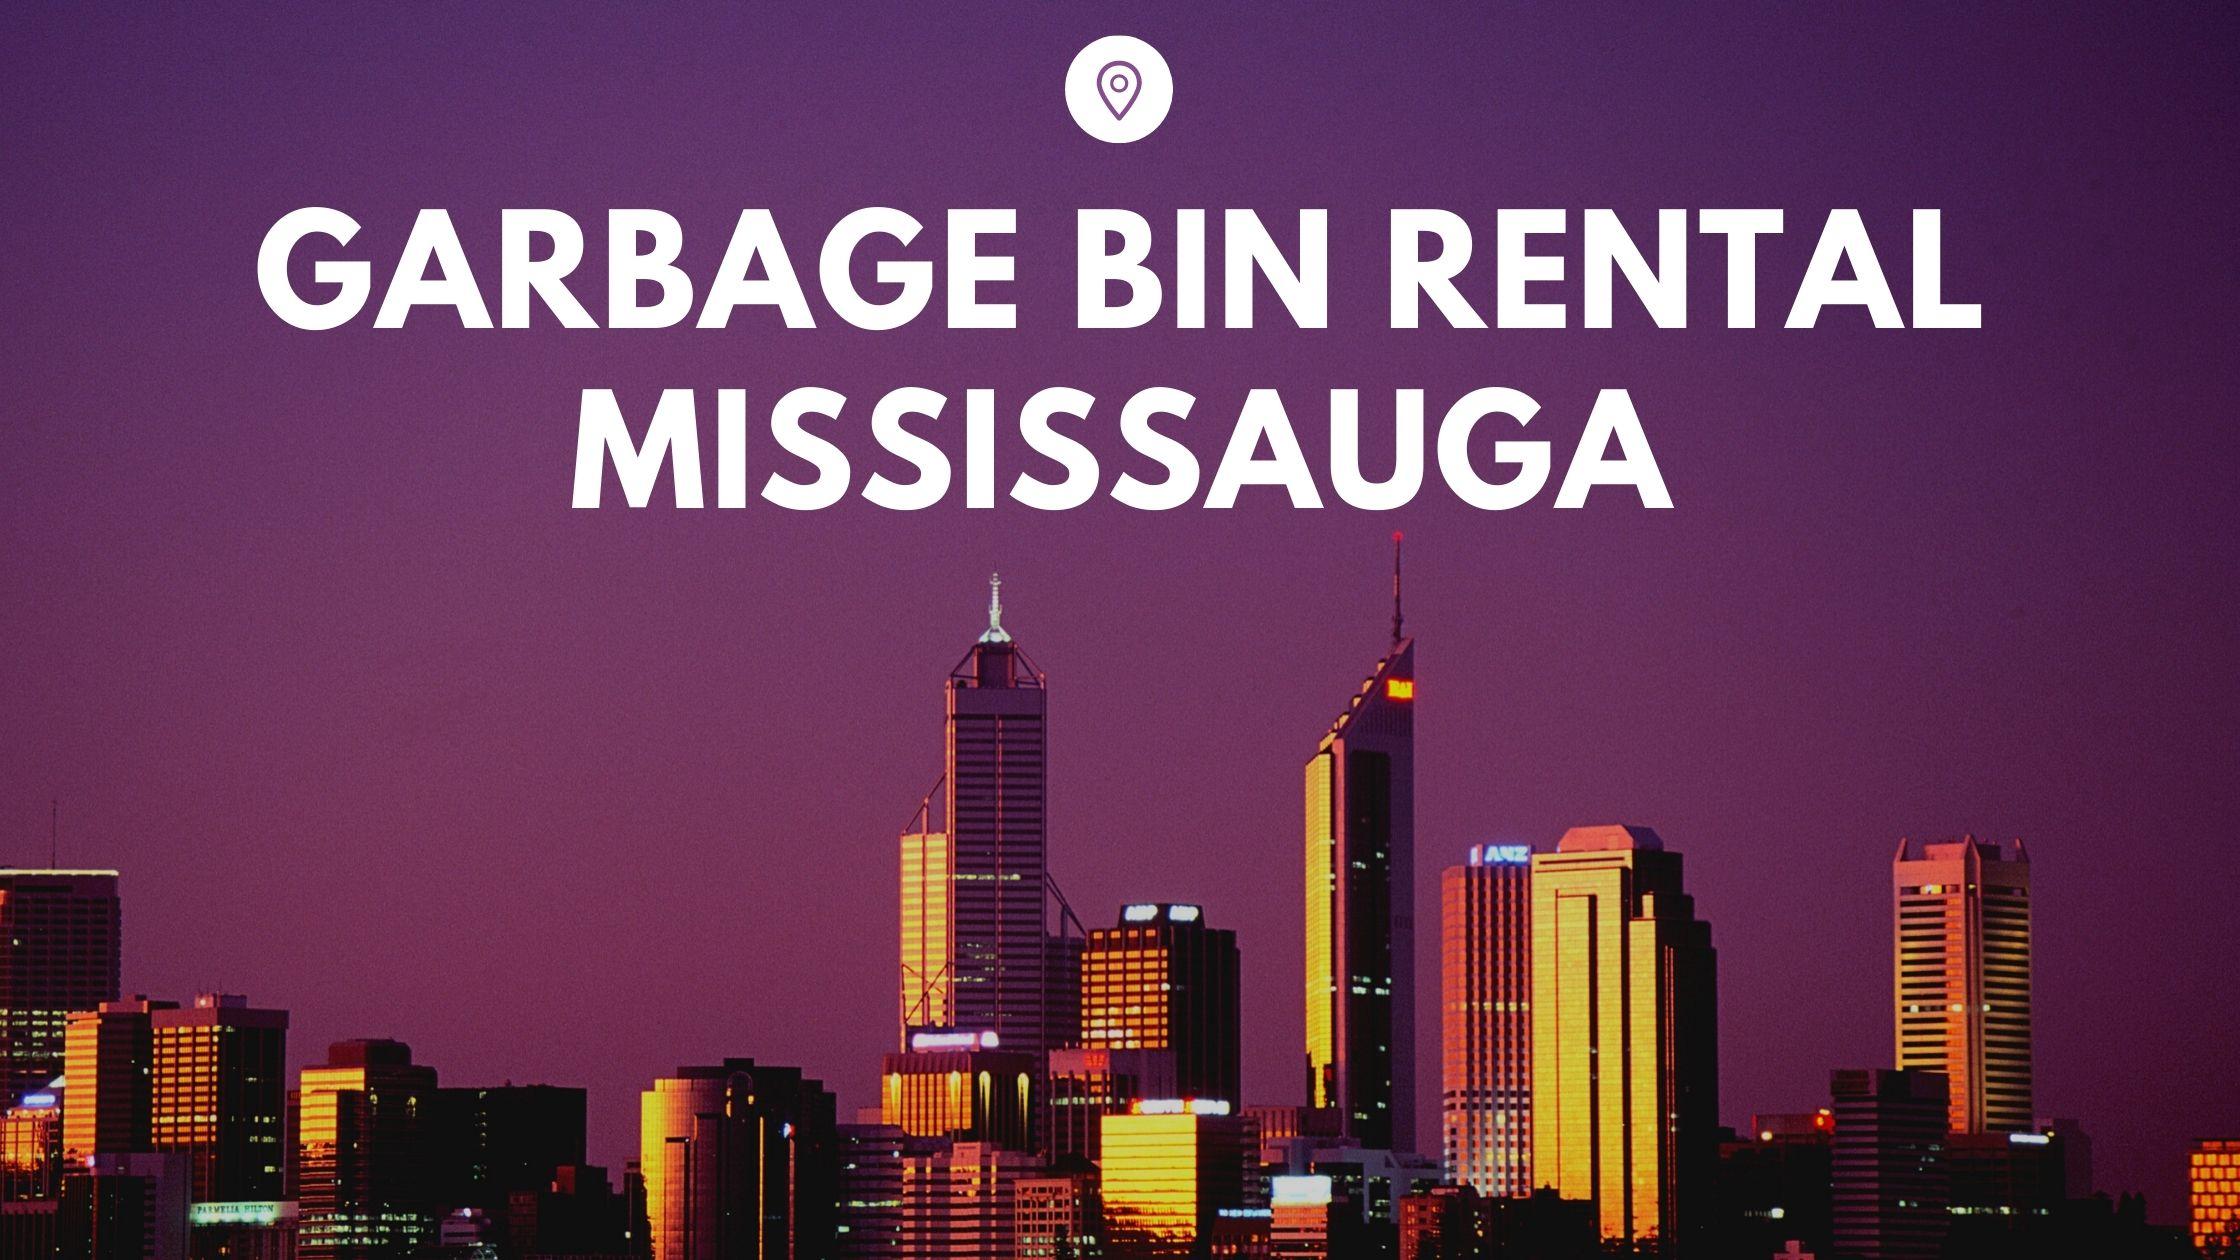 Garbage Bin Rental Mississauga